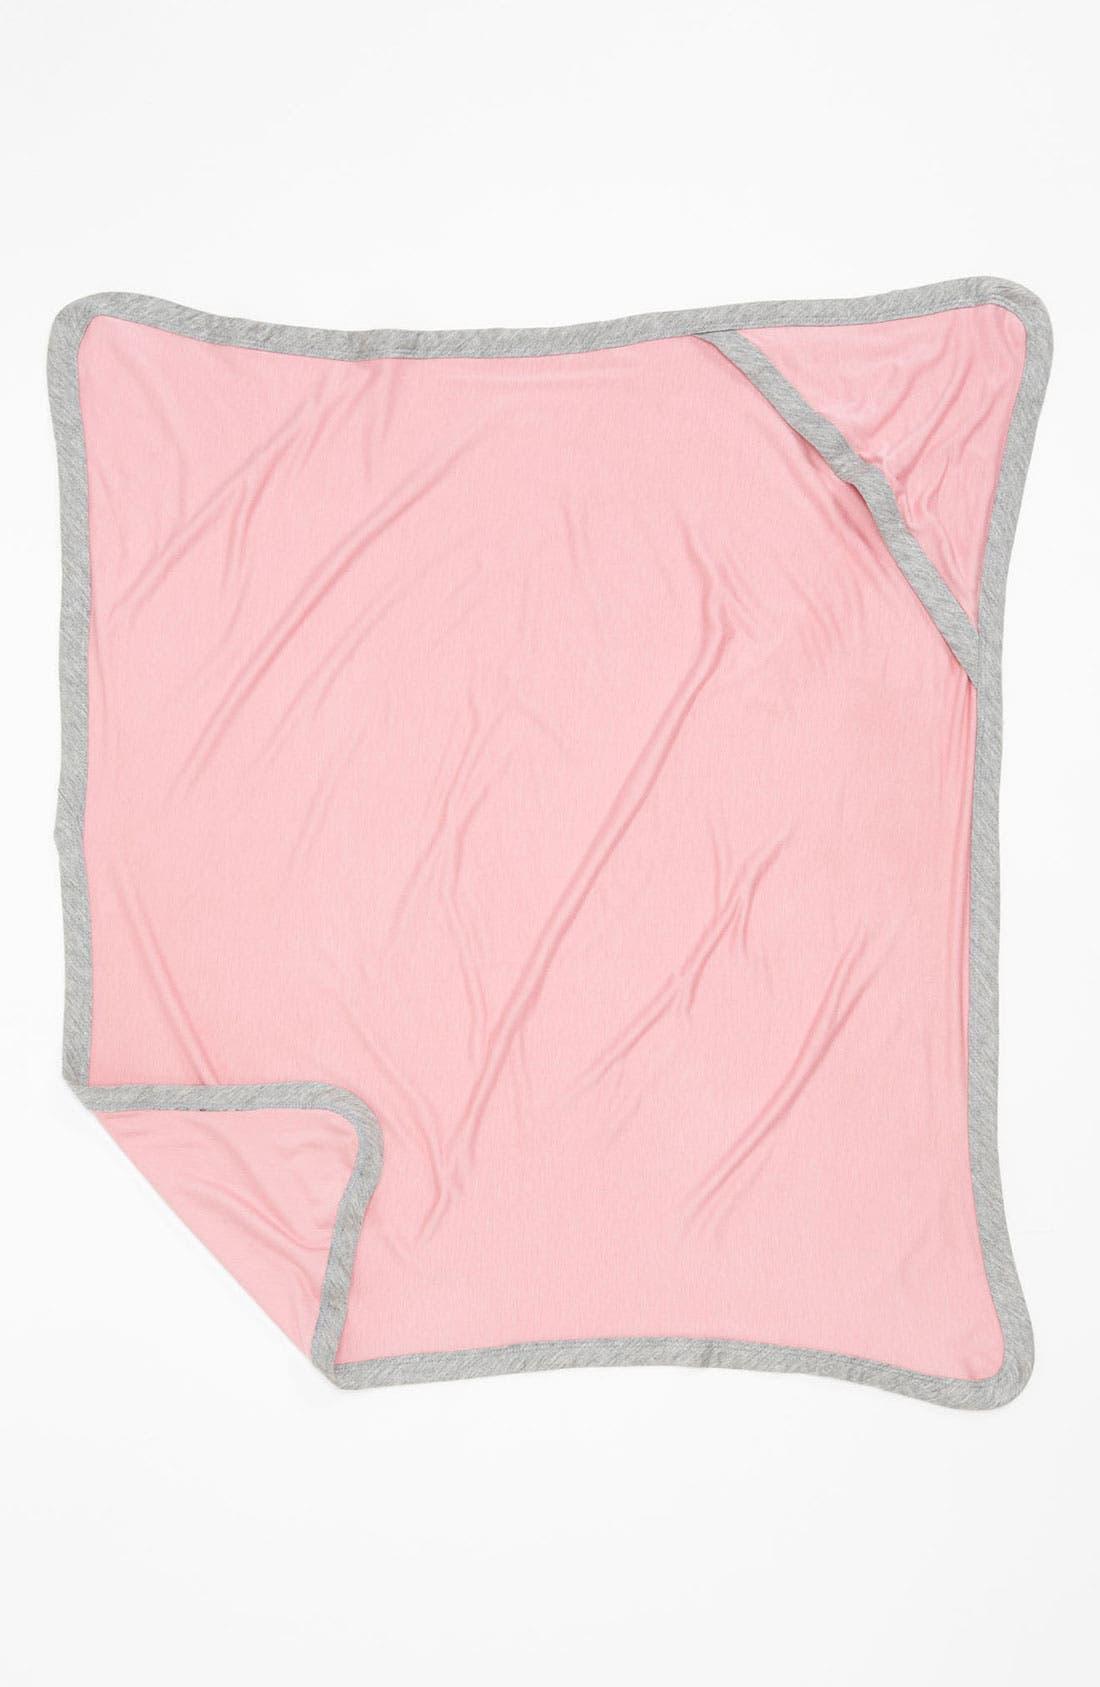 Alternate Image 3  - Japanese Weekend Maternity Pajama Gift Set with Infant Blanket